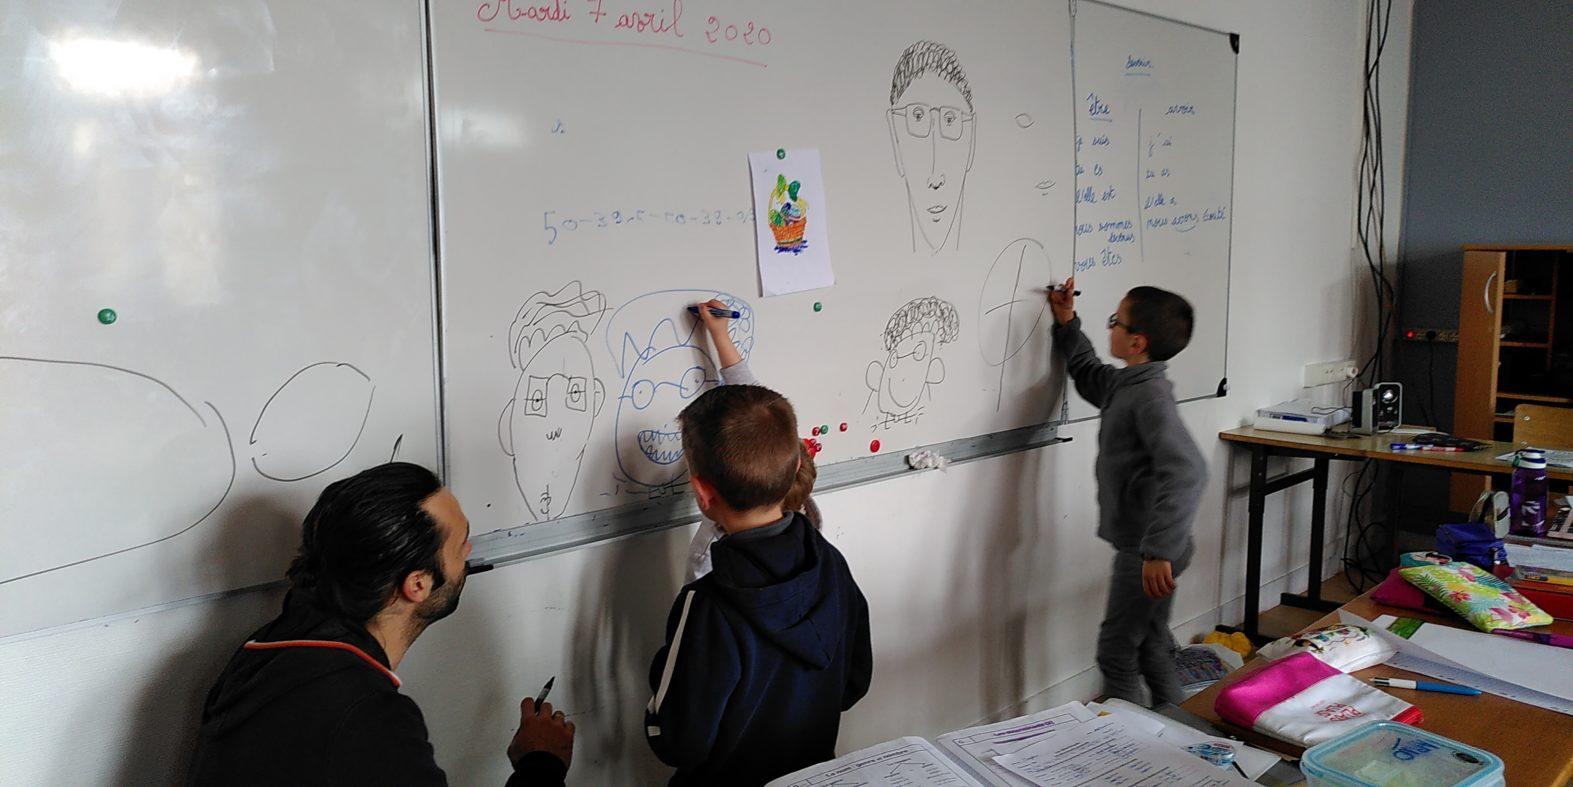 Benoît (AESH du lycée) donne un petit cours de dessin